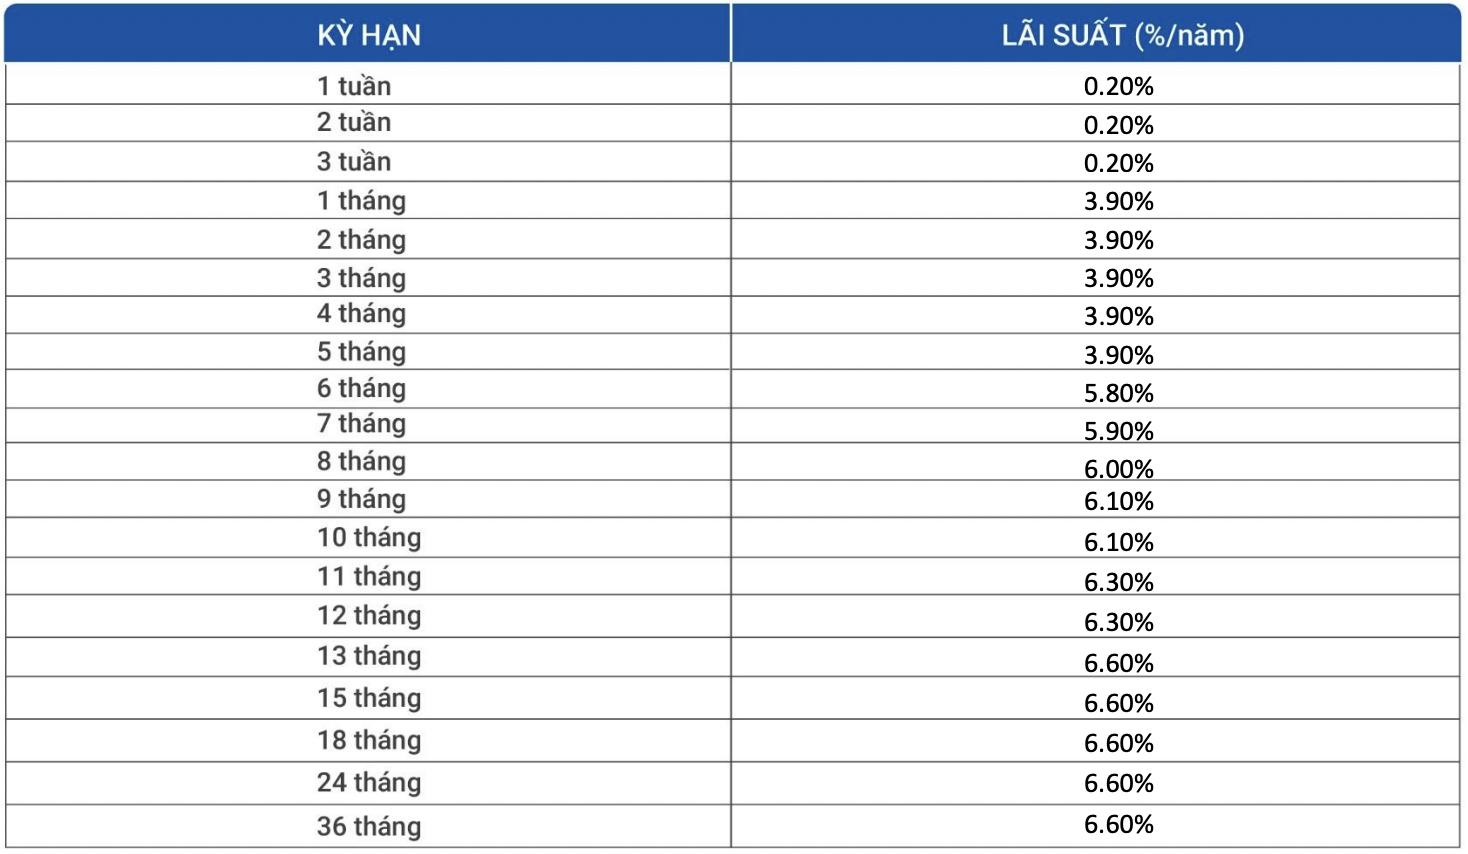 Lãi suất ngân hàng VietBank duy trì ổn định trong tháng 10/2021 - Ảnh 3.